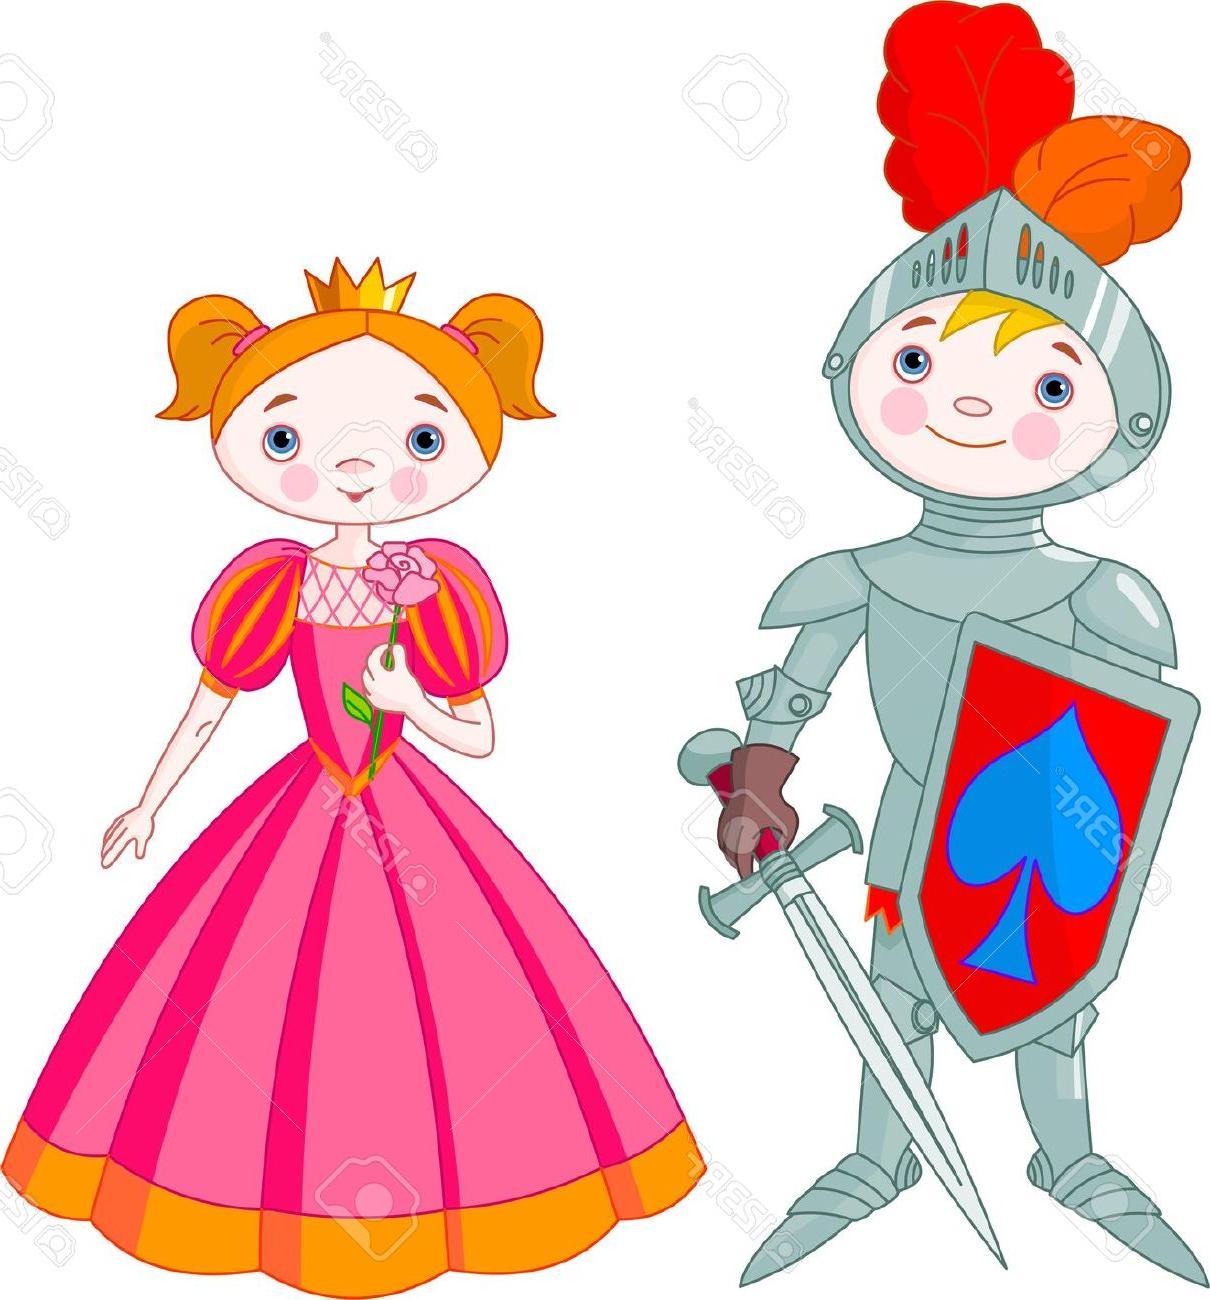 Knight clipart little boy Boy Girl  And Little